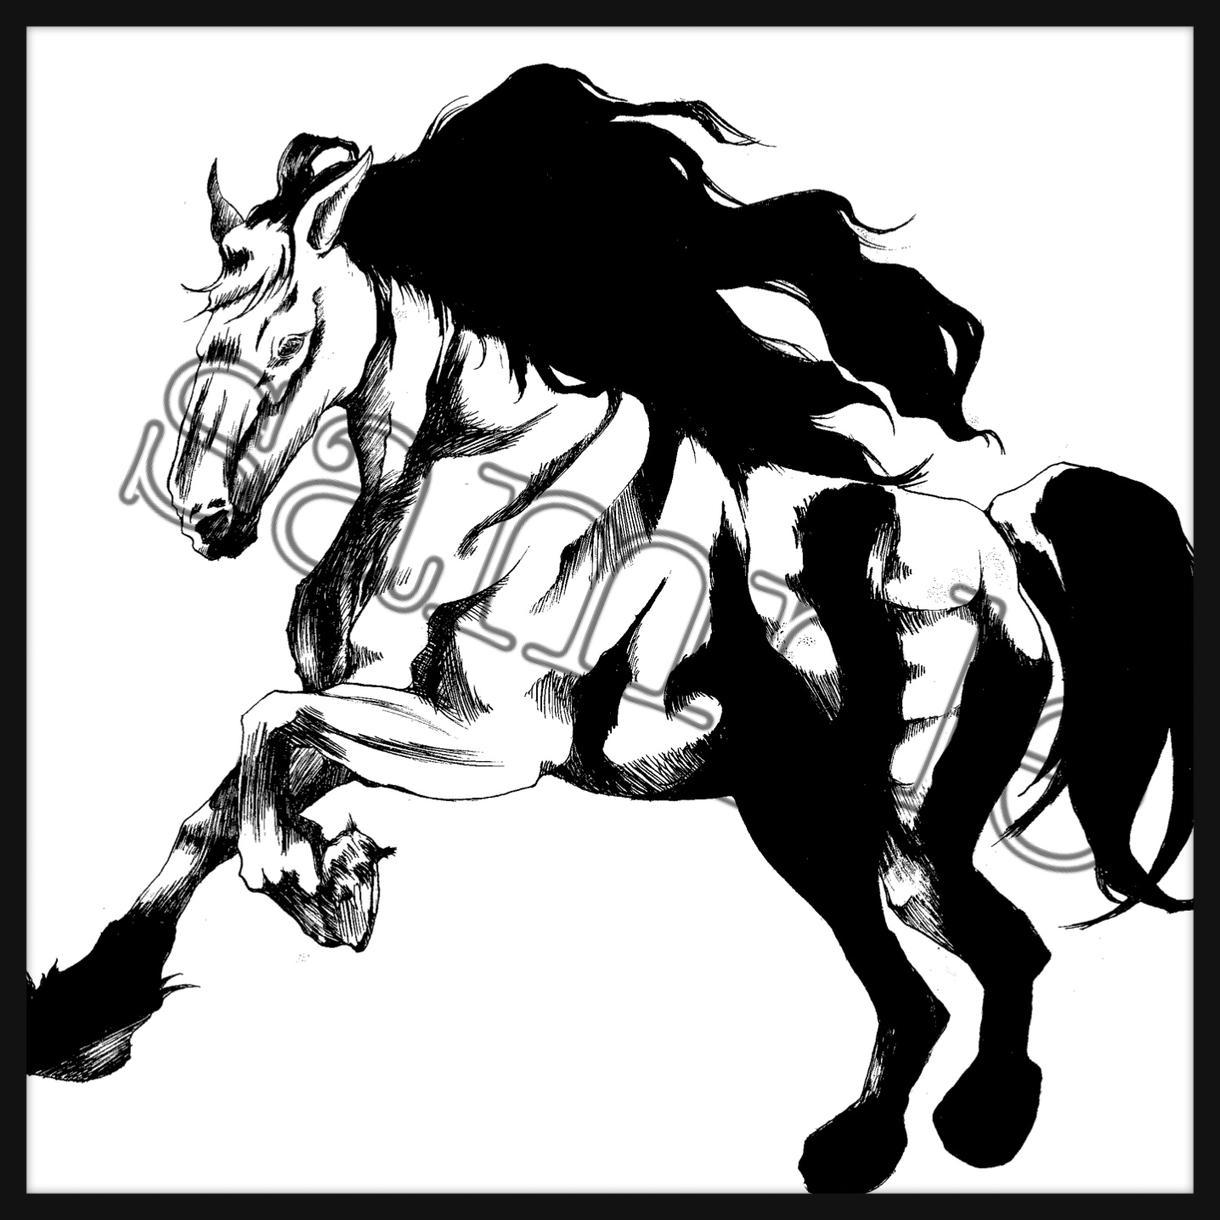 モノクロ クールなSNSのアイコンイラスト描きます 元アニメーターがご希望のオリジナルイラストをお描きします!